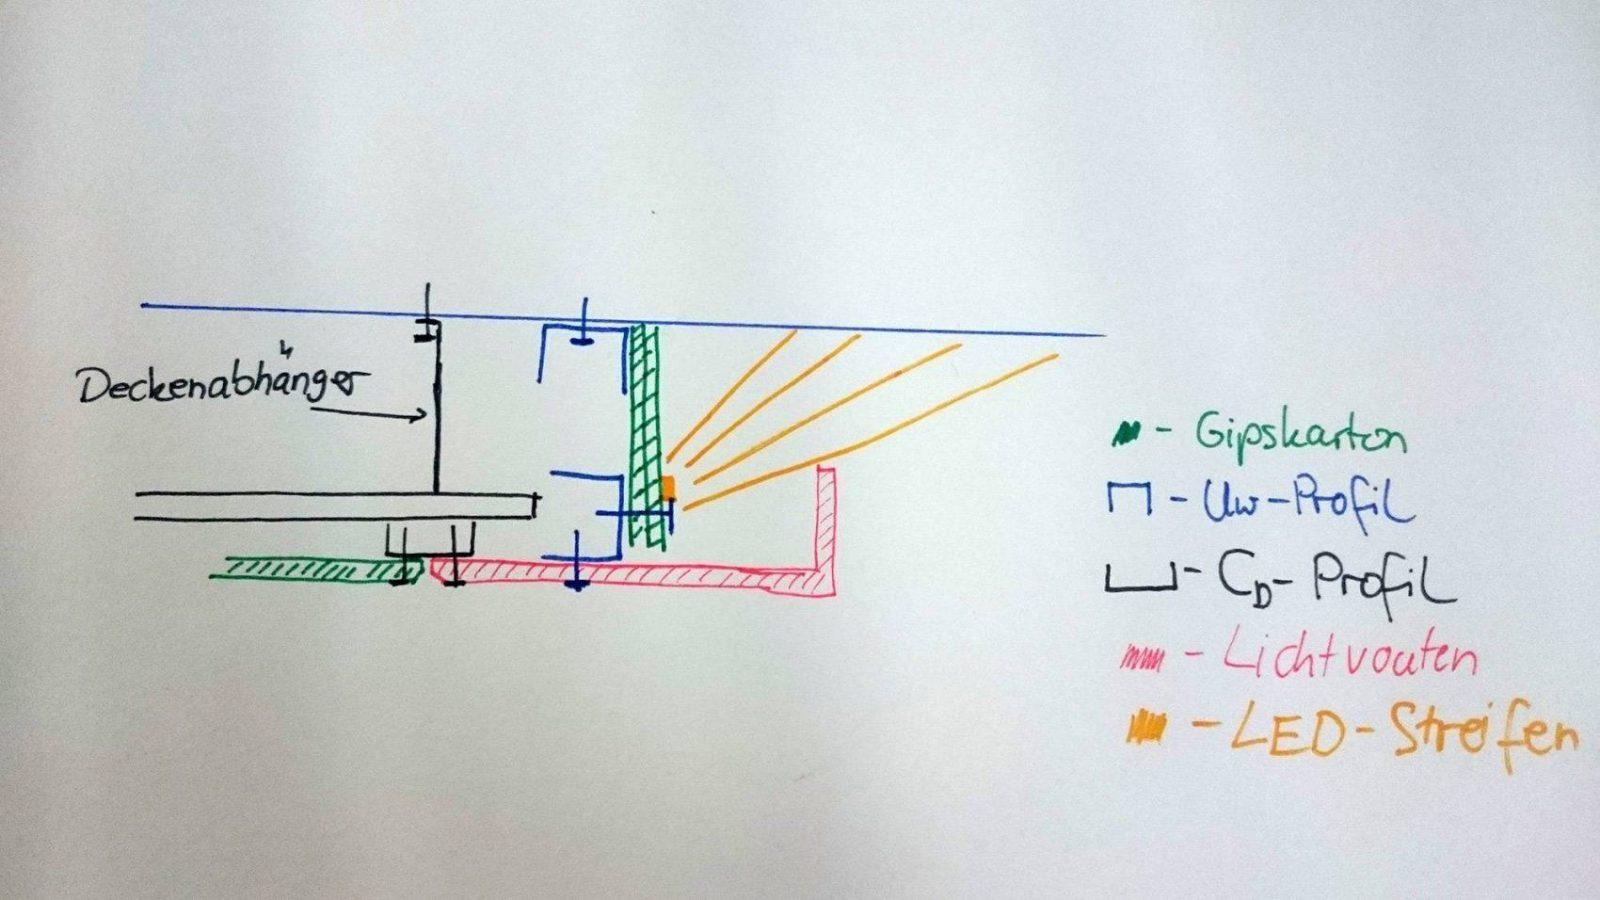 Indirekte Beleuchtung Decke Selber Bauen Mit Konventionell Indirekte von Indirekte Beleuchtung Led Decke Selber Bauen Photo